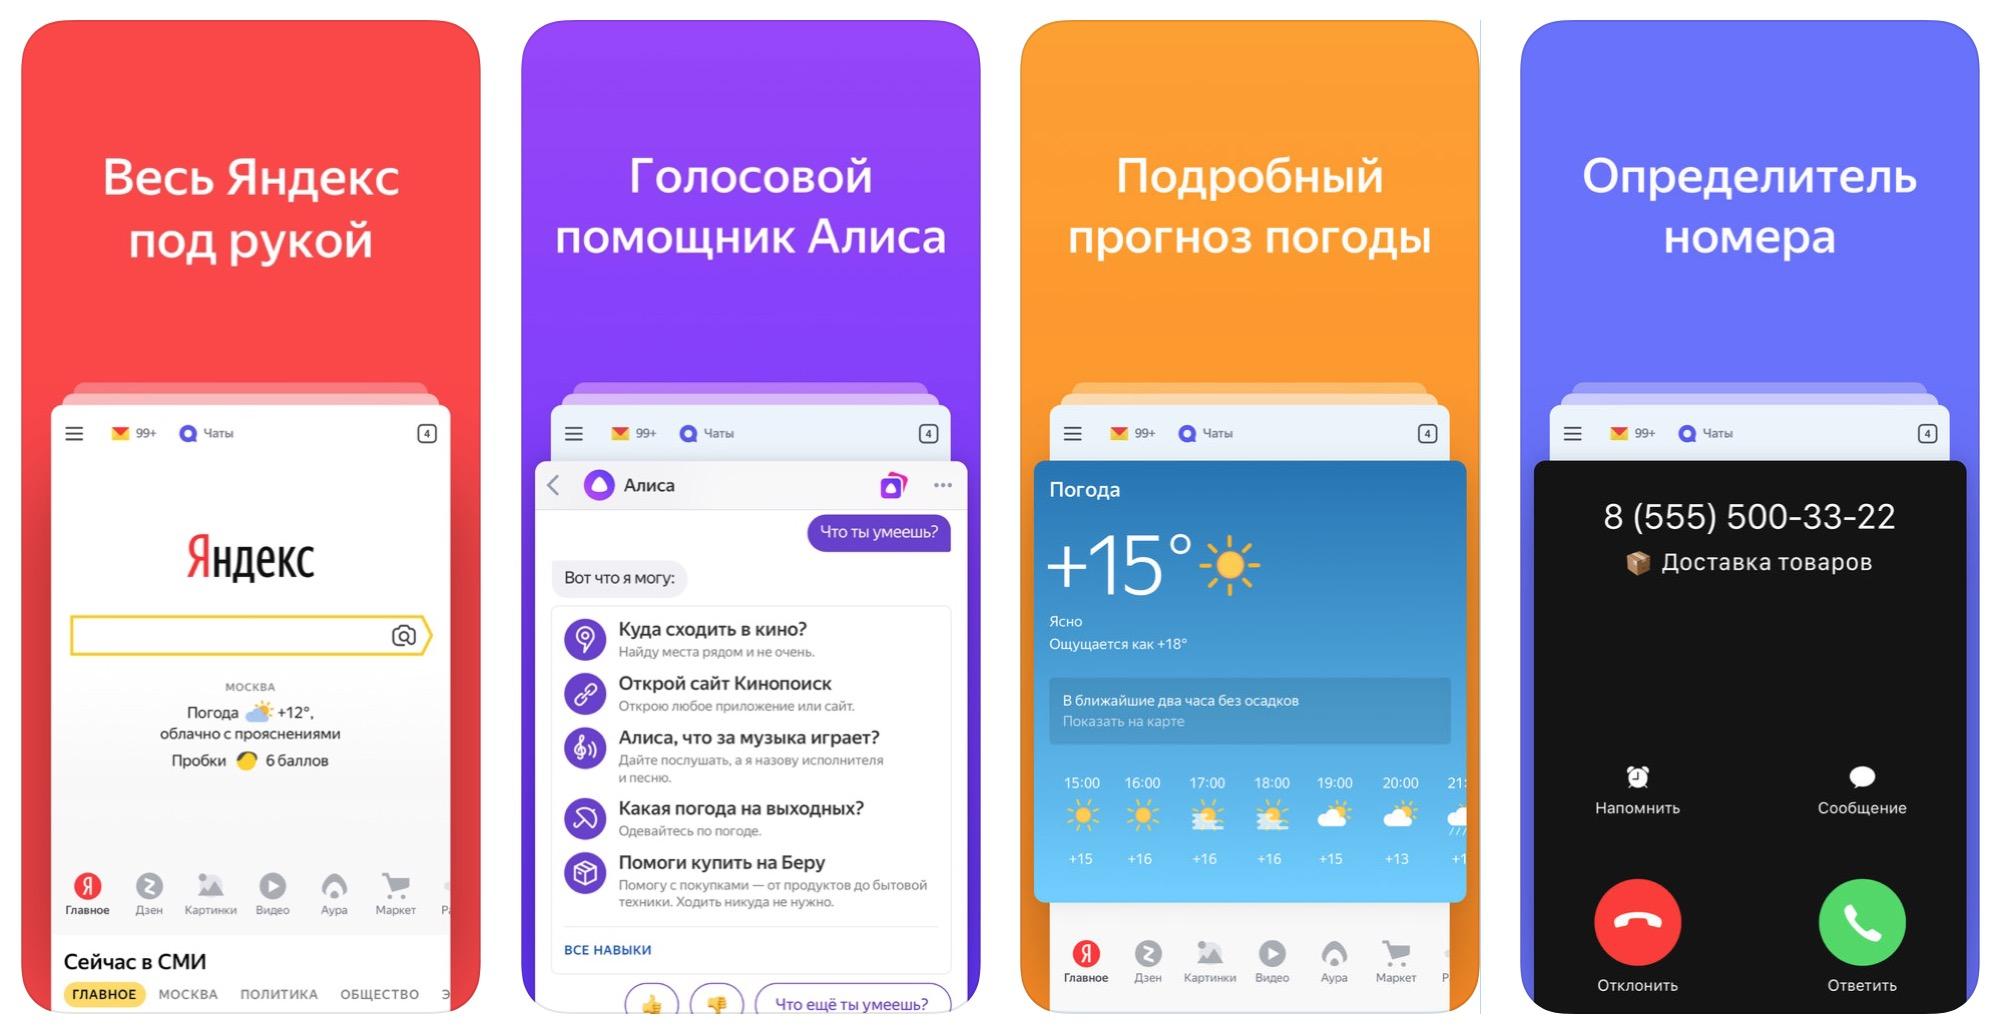 Определитель номера Алиса Яндекс